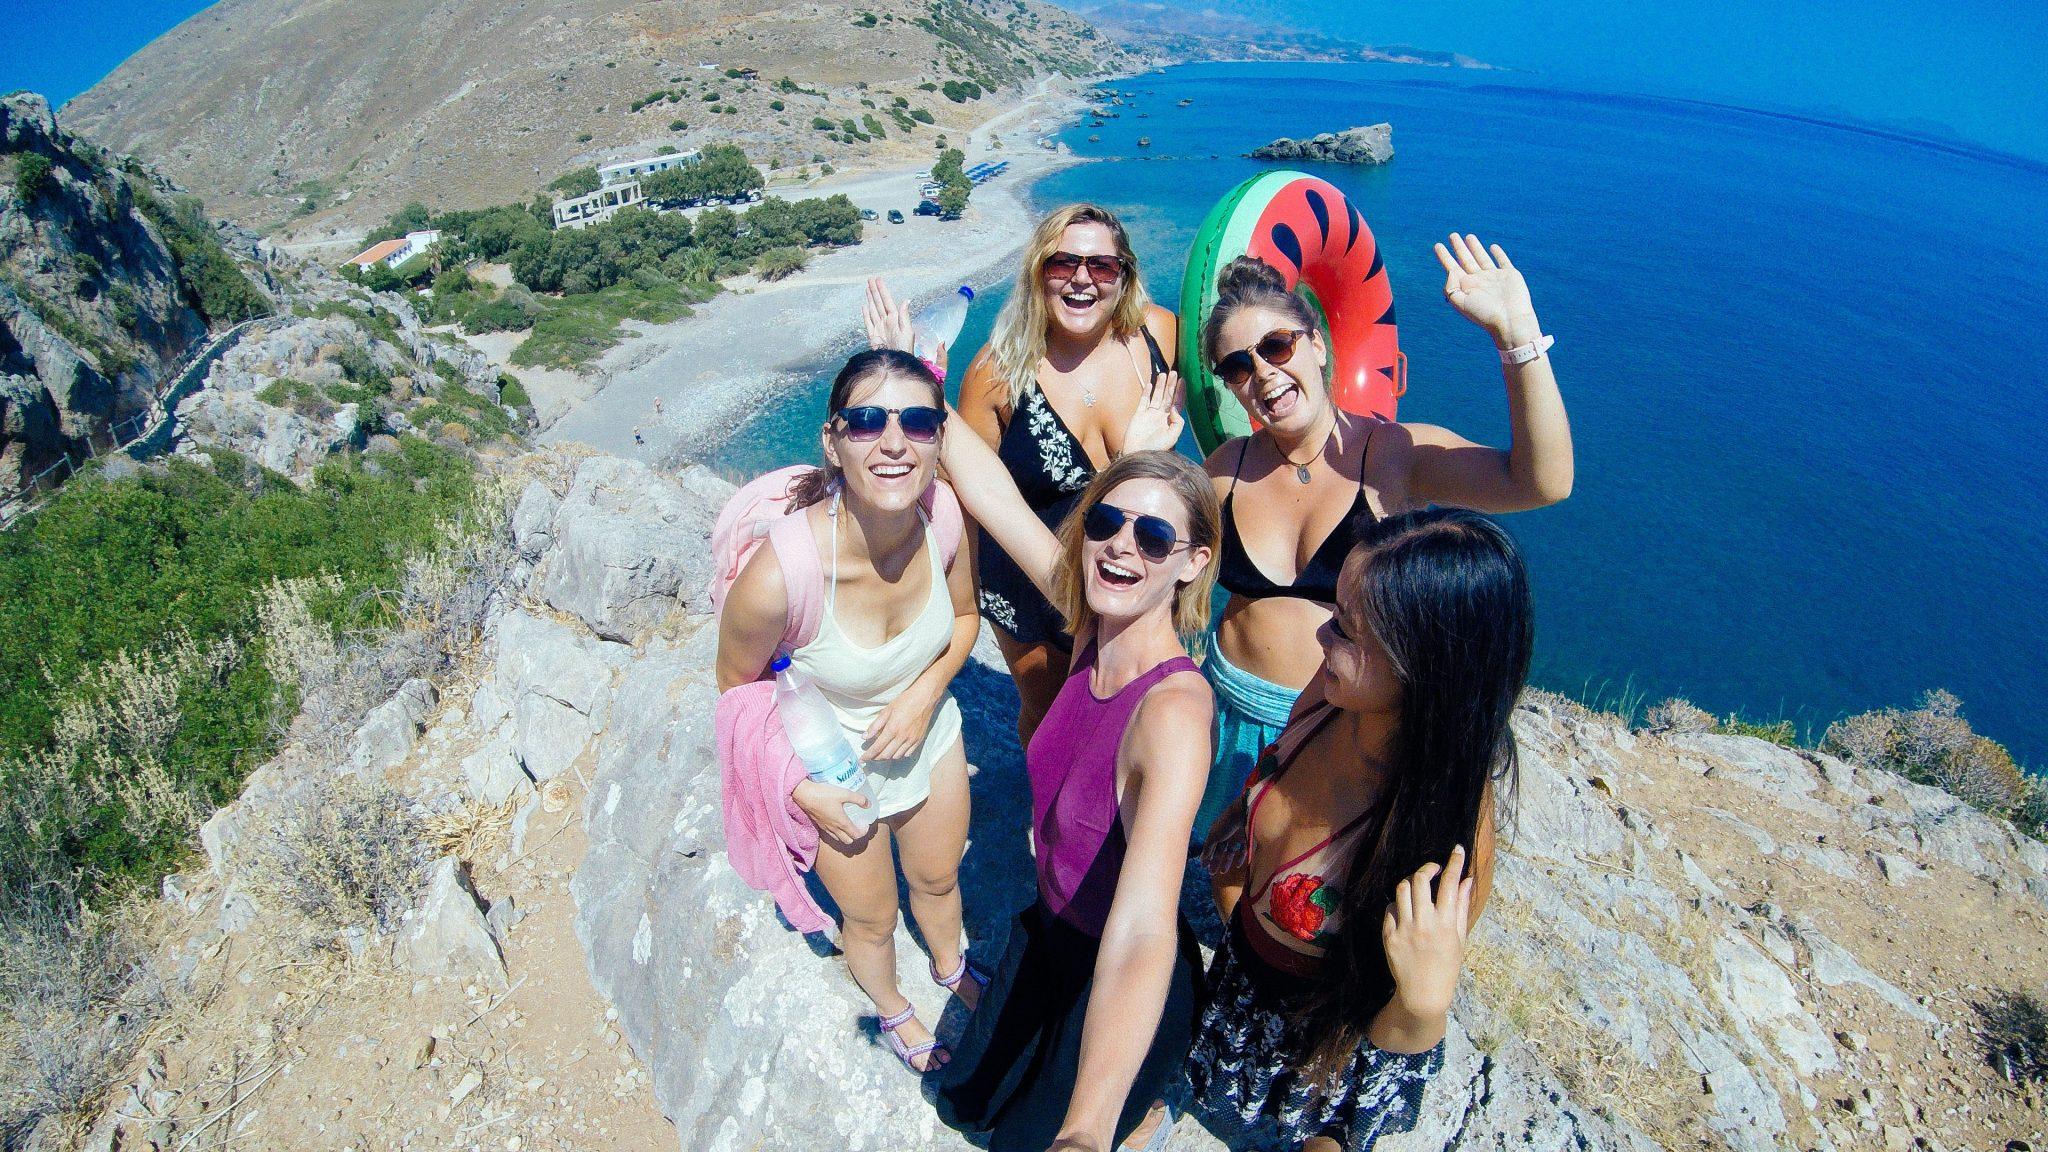 Girls weekend in Crete, Greece - Europe Travel